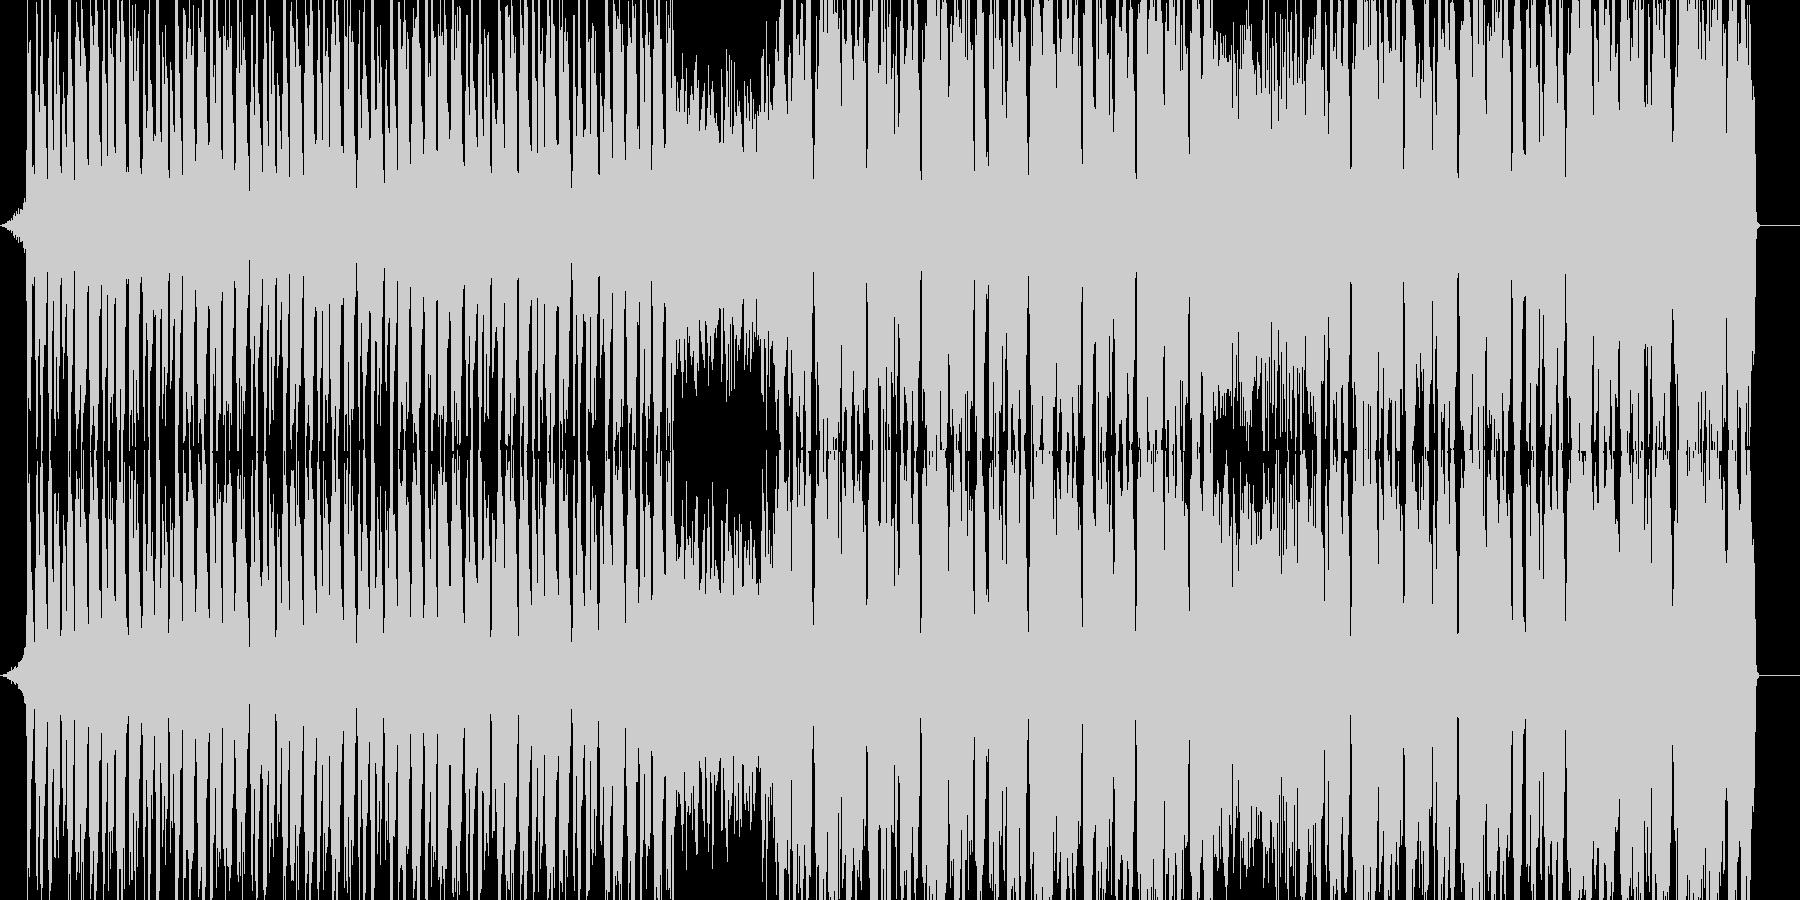 ポップ テクノ ブルース パンク ...の未再生の波形